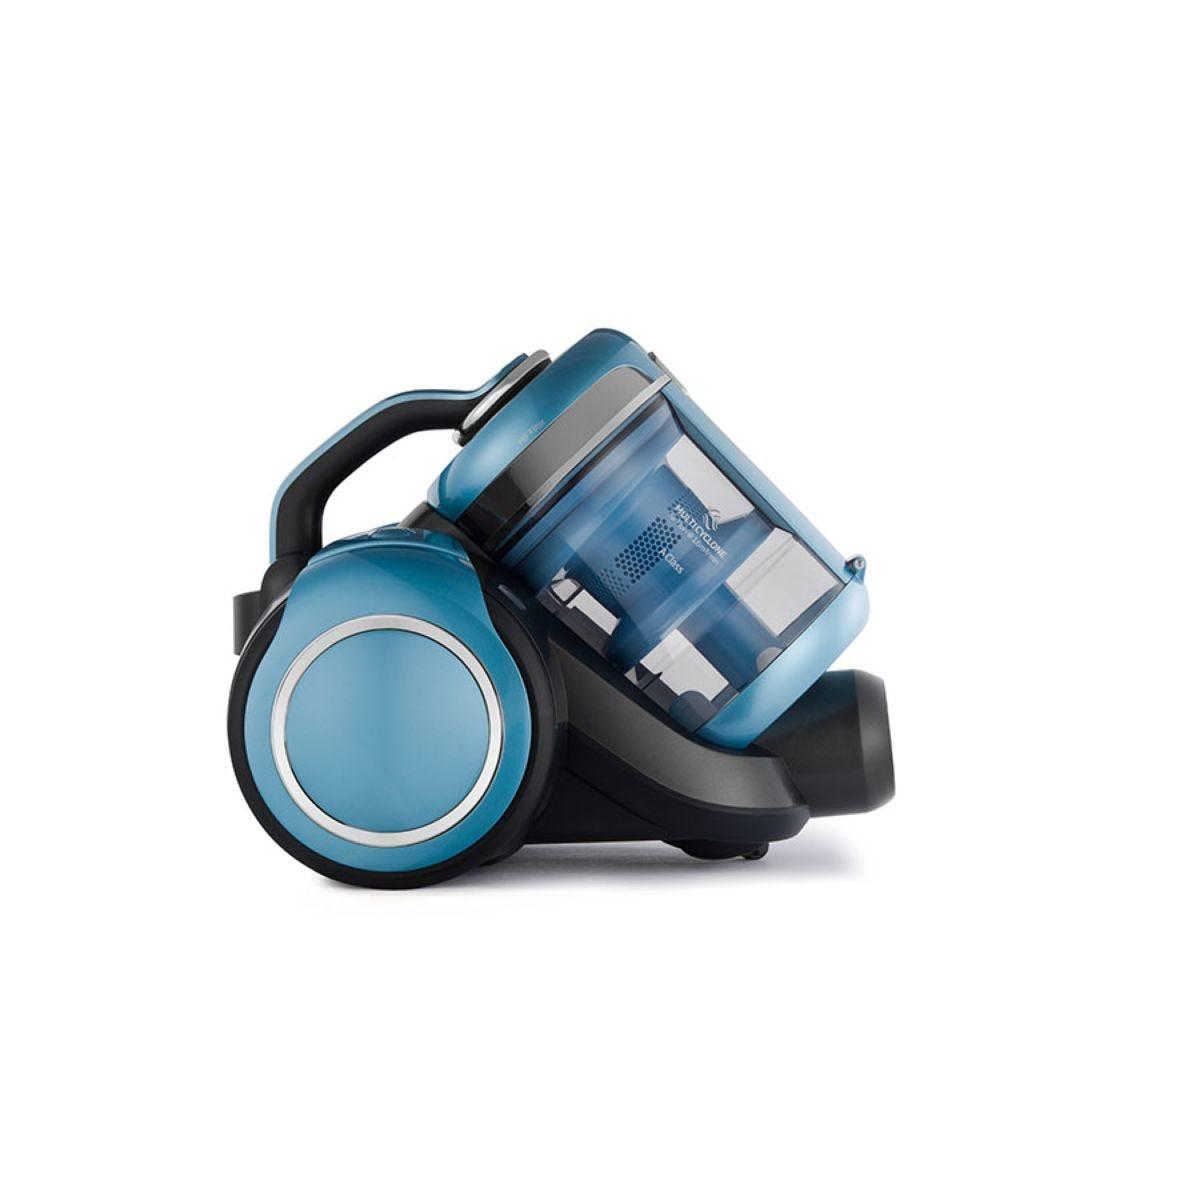 Beko VCM7180 Bagless Cylinder Vacuum Cleaner - Blue